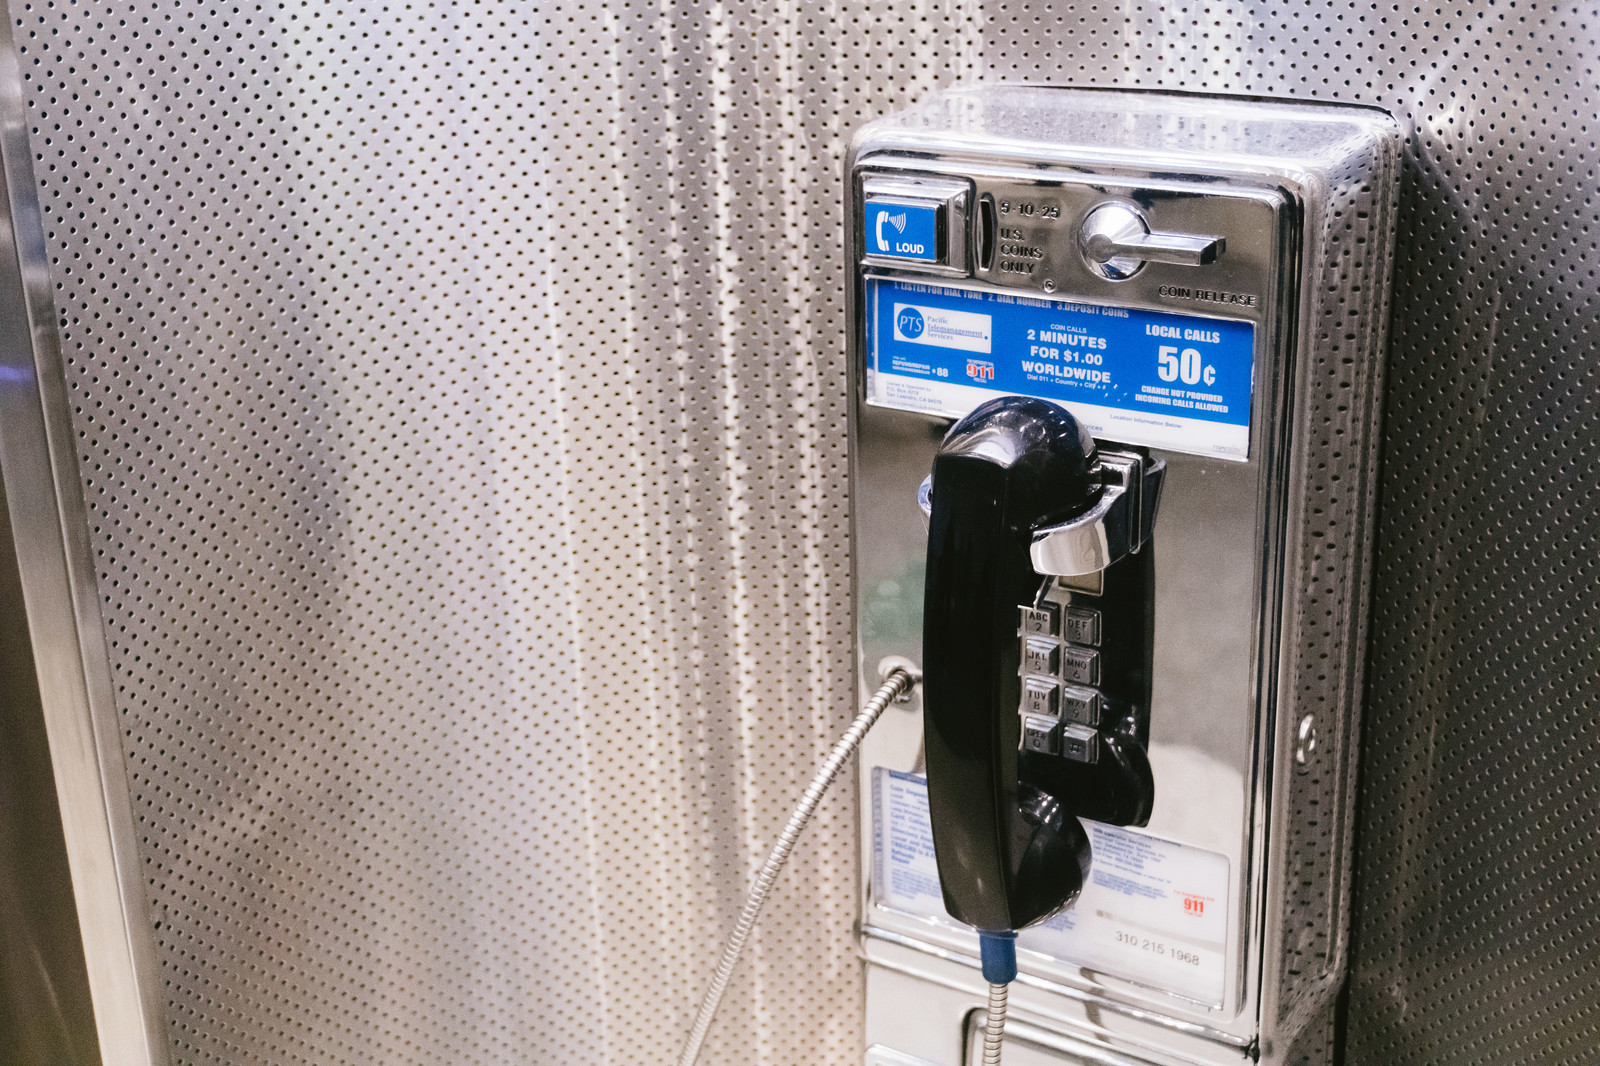 「海外の公衆電話(空港)」の写真